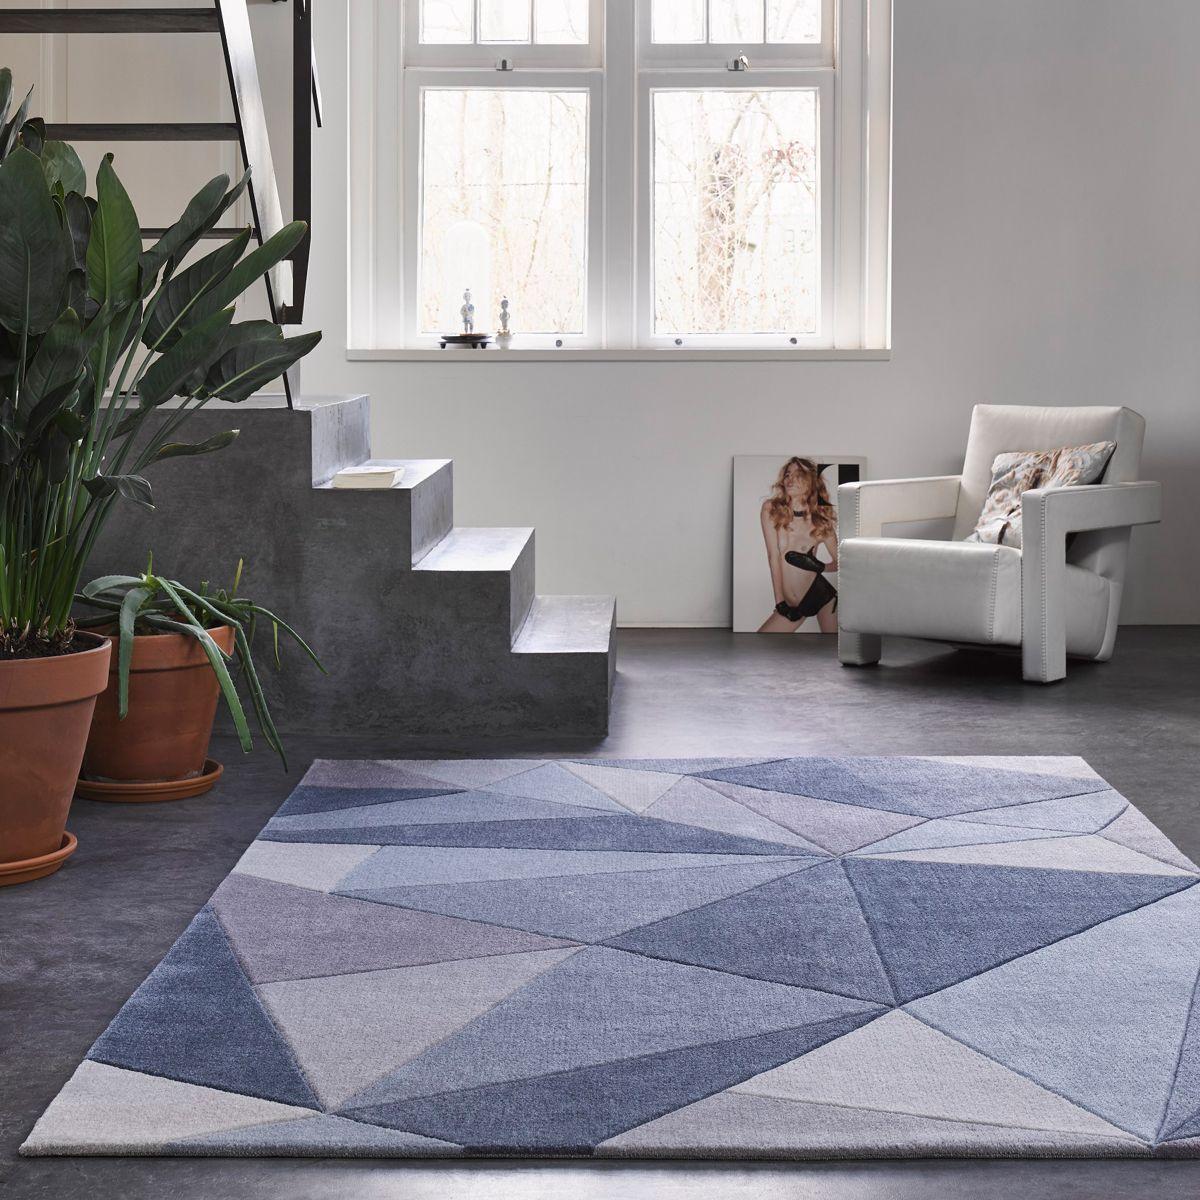 Teppich Blau Grau Kurzflor Next Time Wecon Home Teppich Blau Grau Blau Grau Teppich